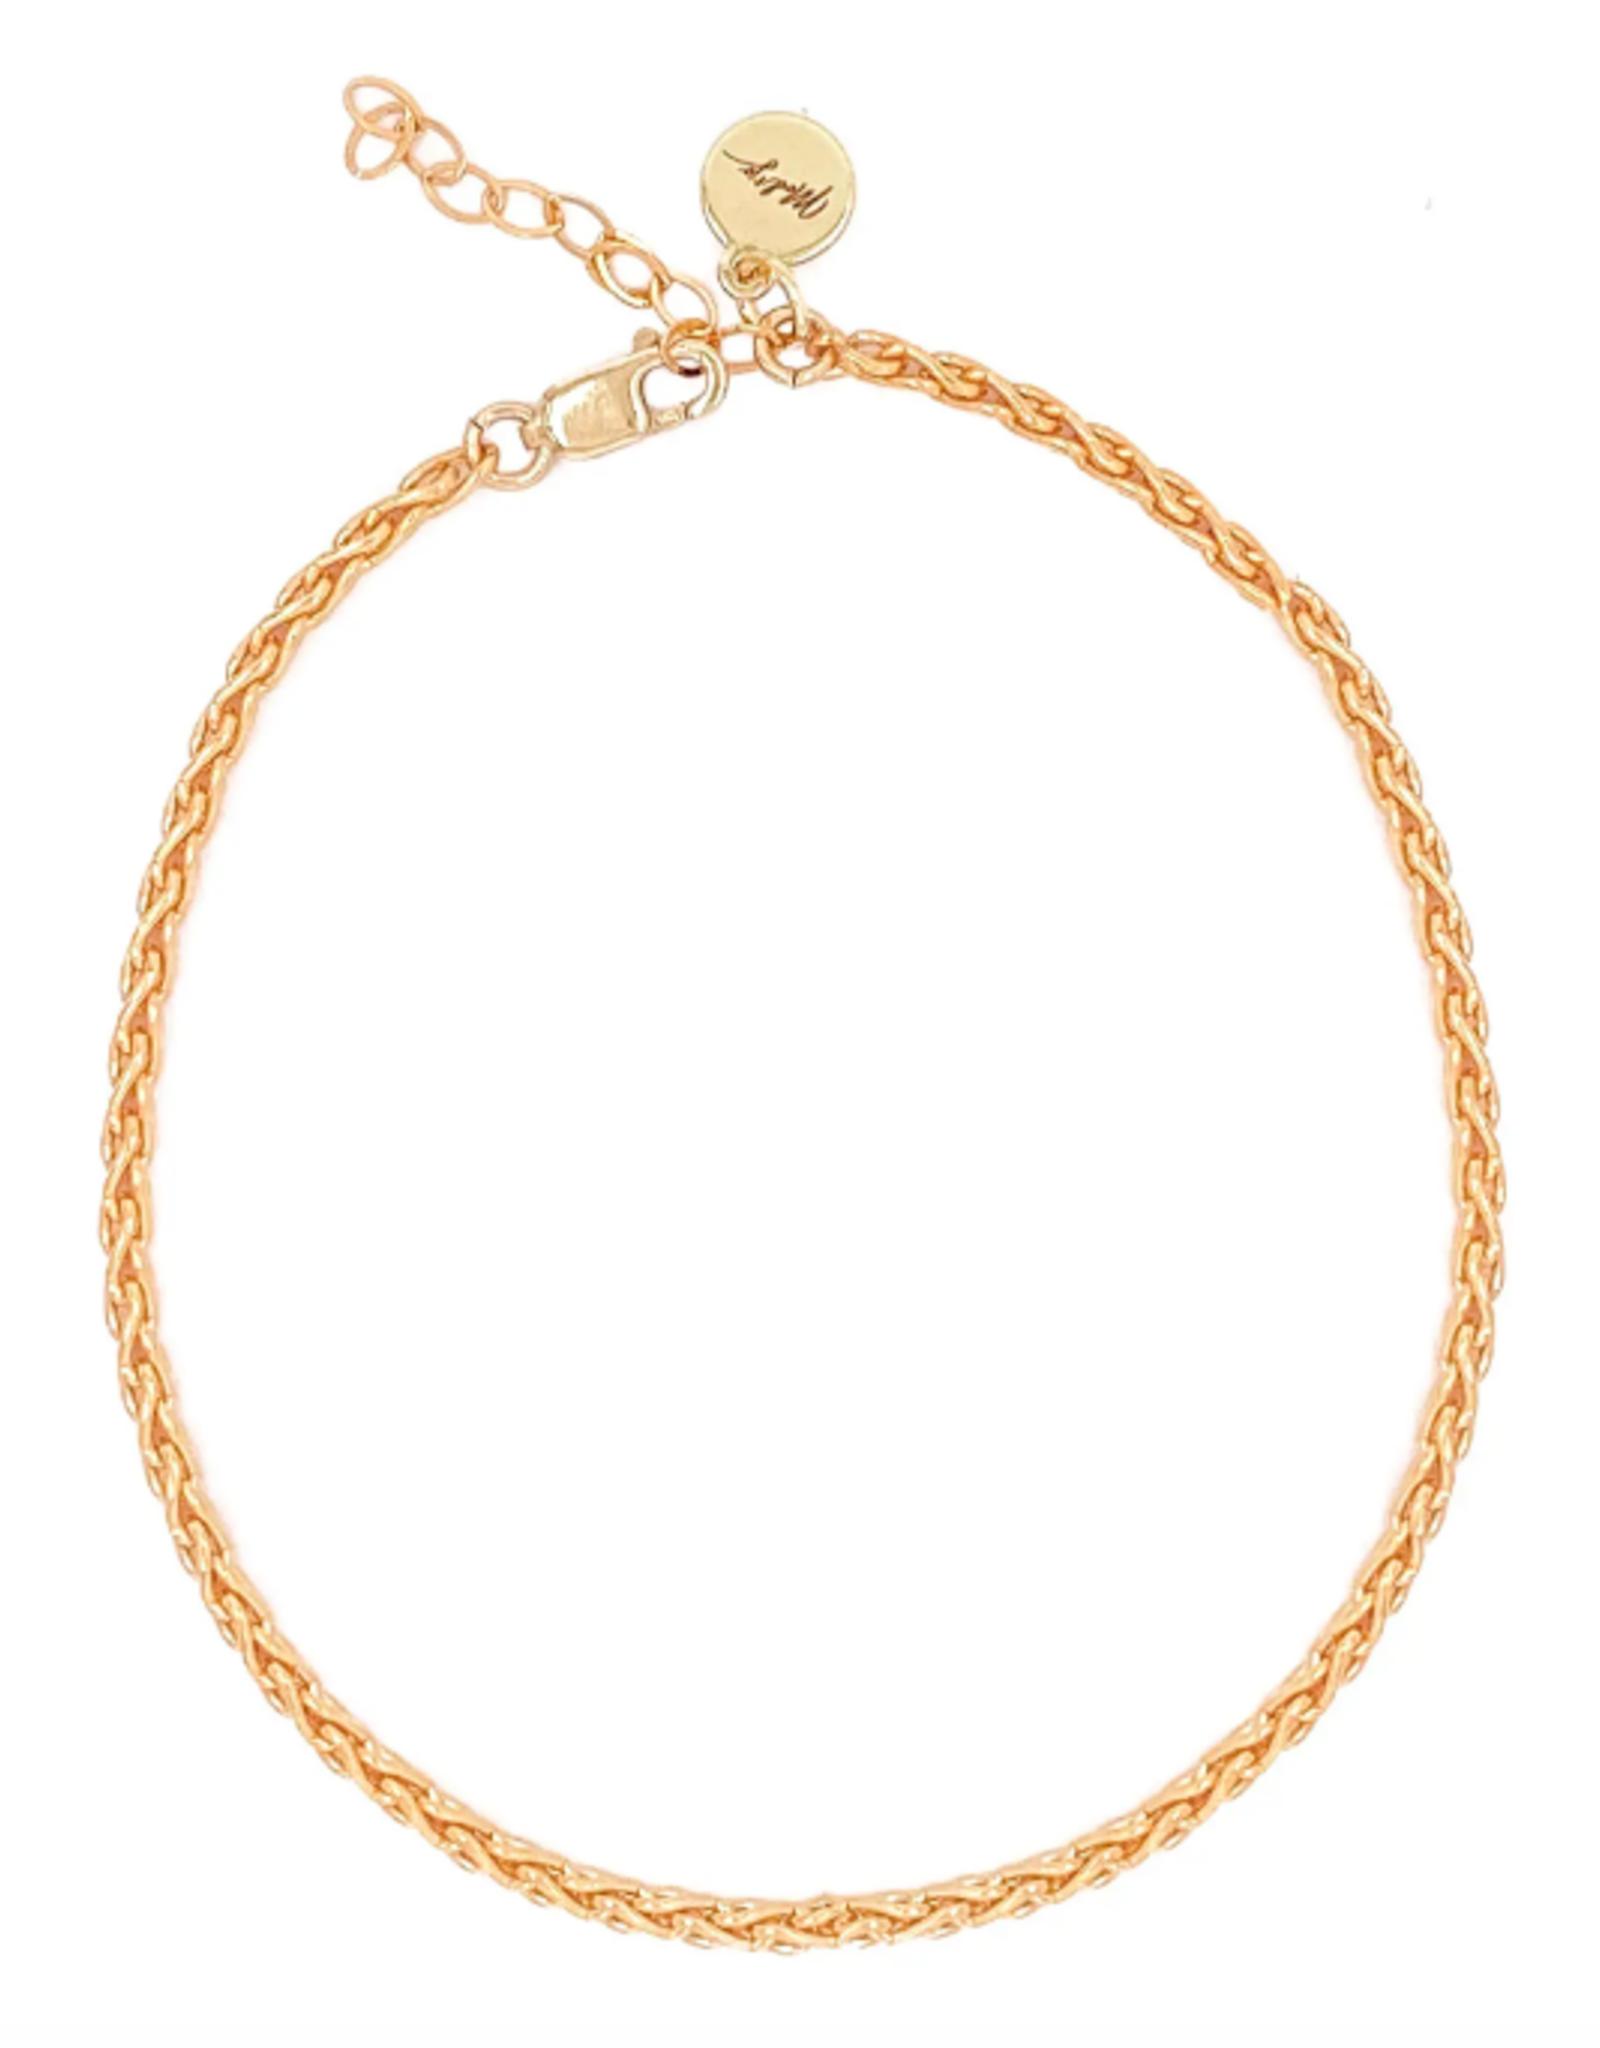 Jessi Chain Bracelet